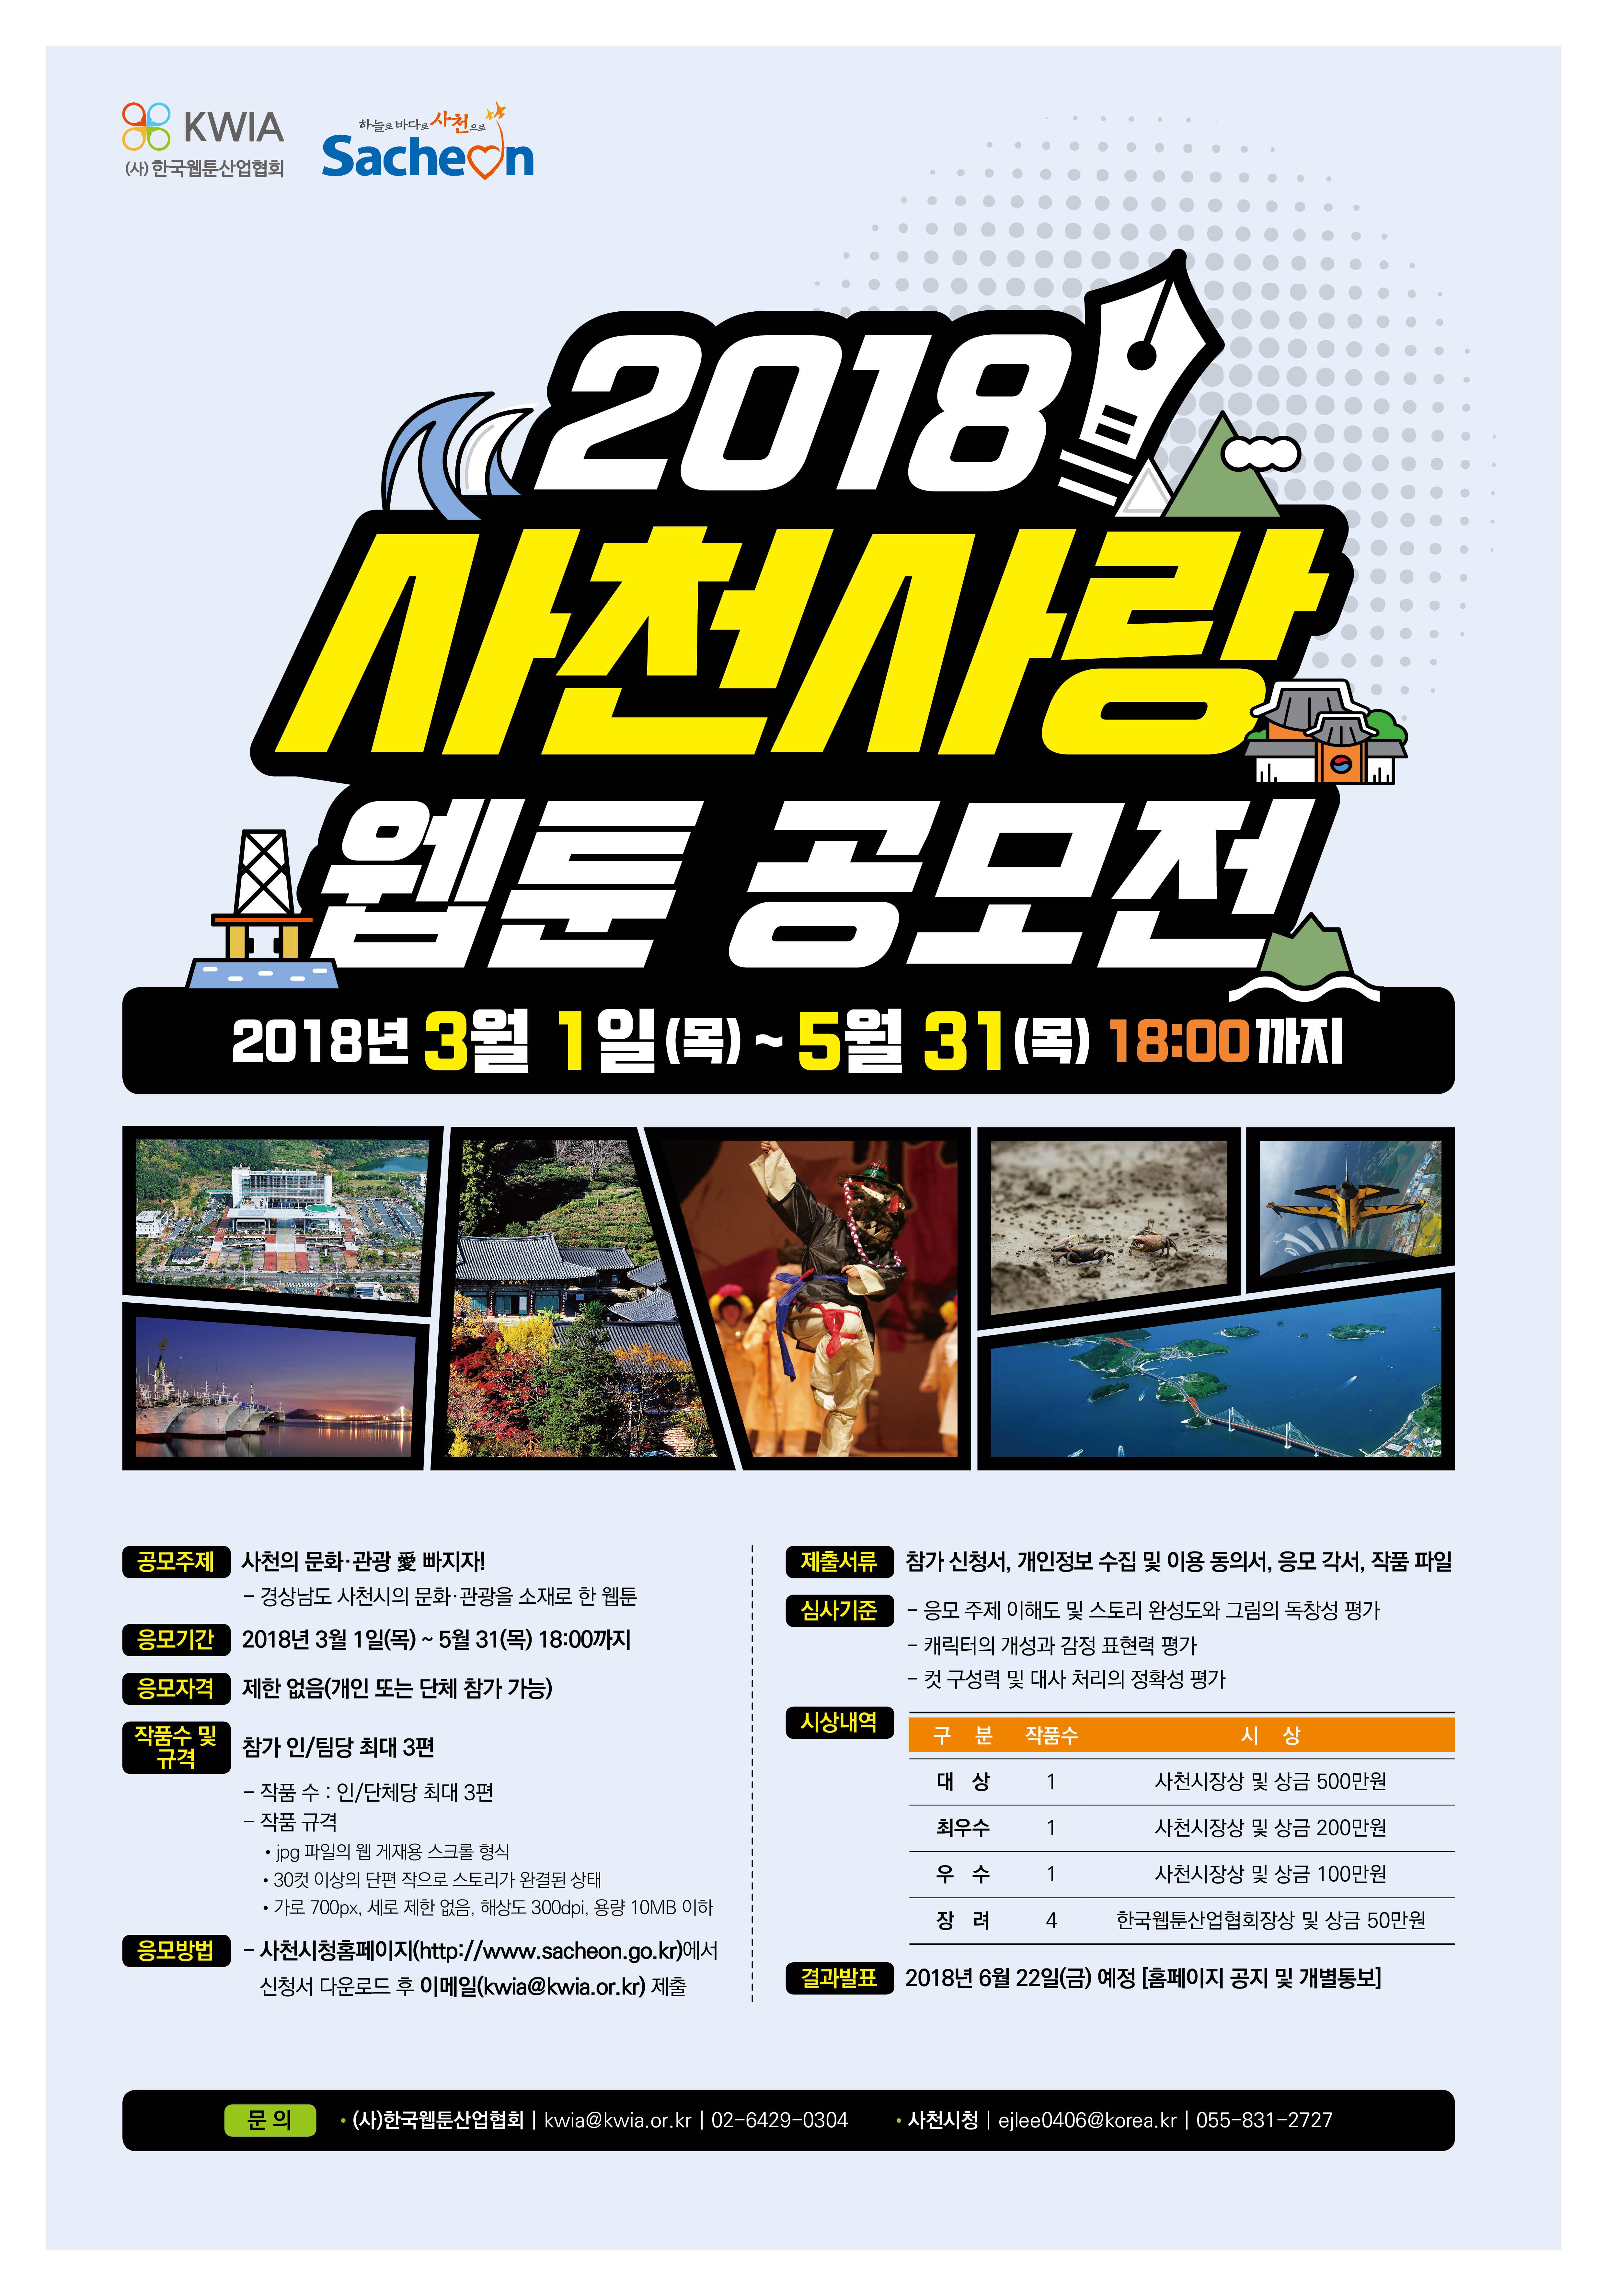 (최종)한국웹툰-2018 사천사랑 웹툰 공모전.jpg